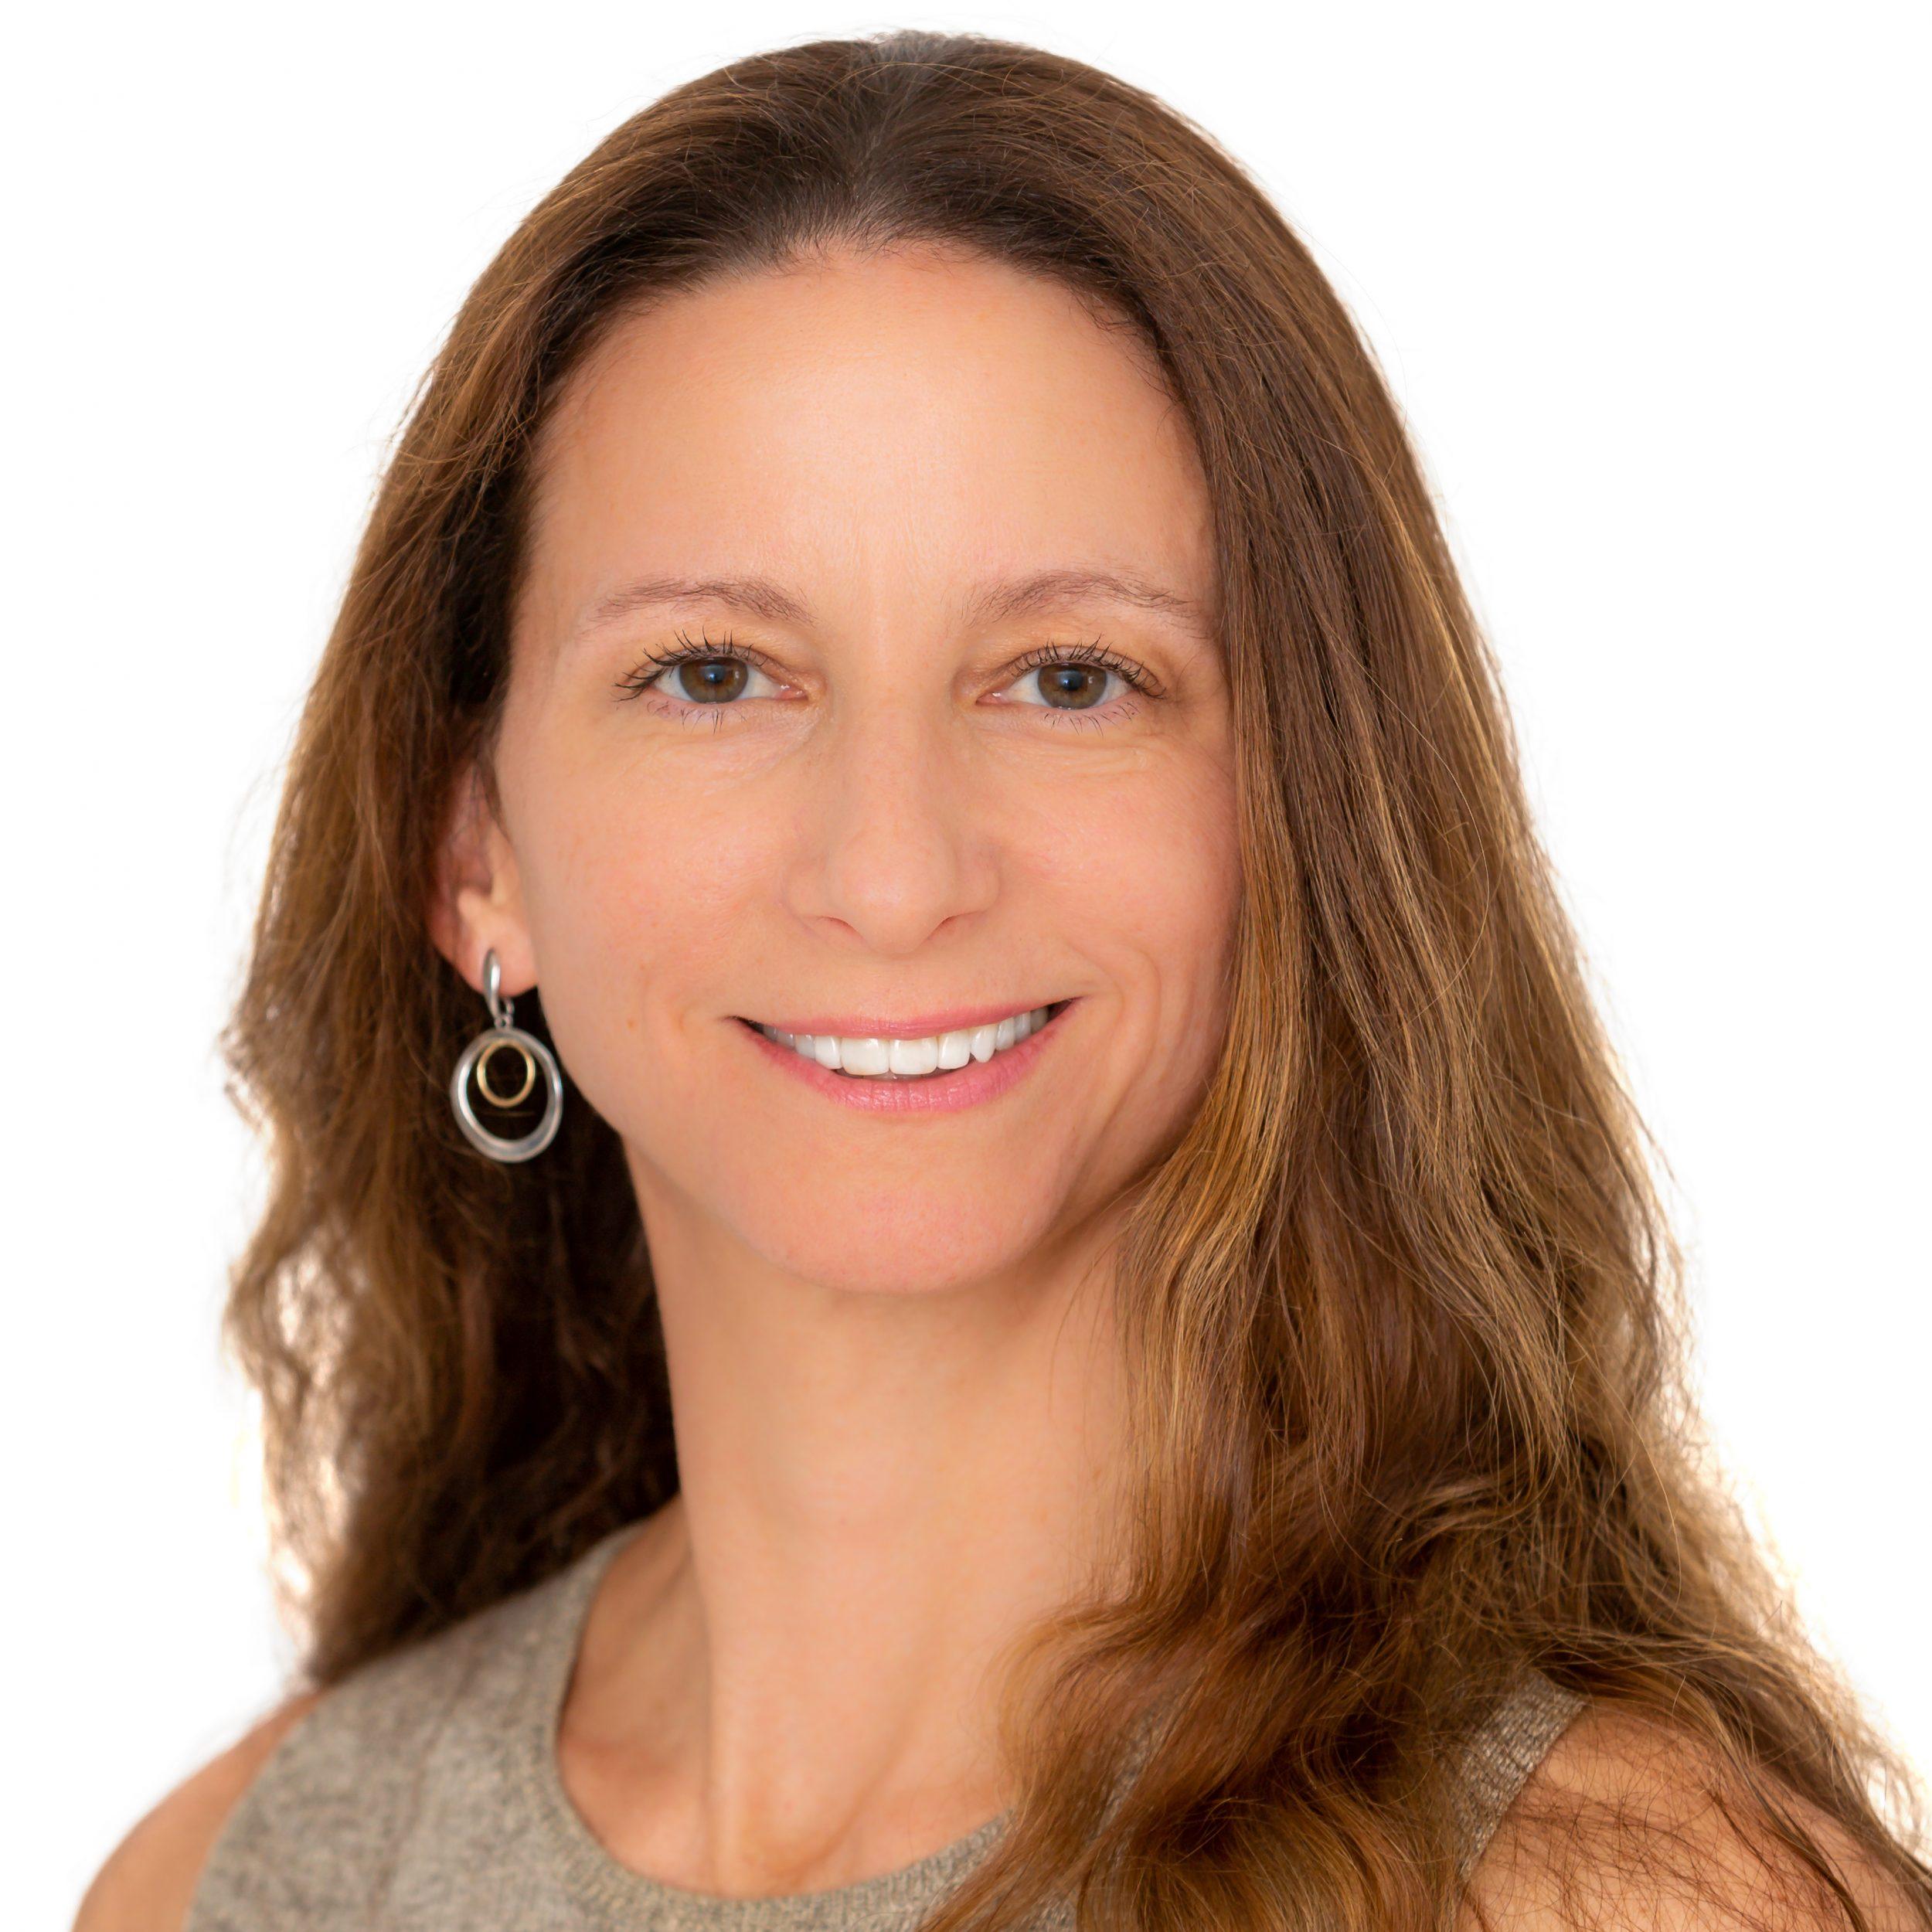 Kristina Windom